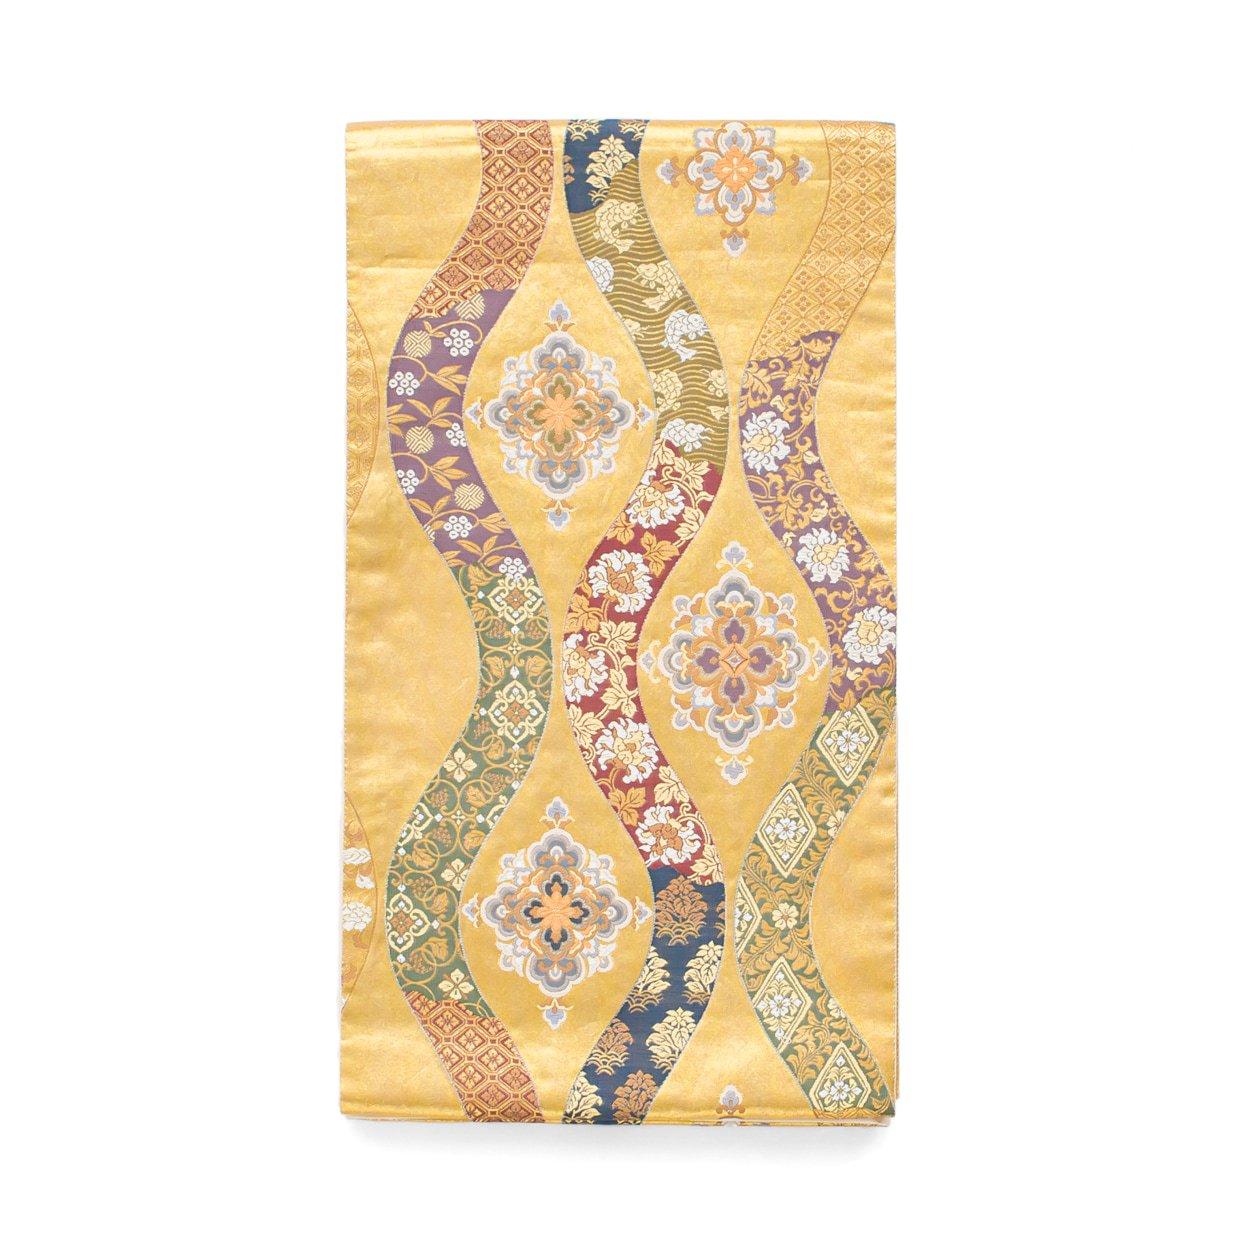 「袋帯●立涌に華紋」の商品画像